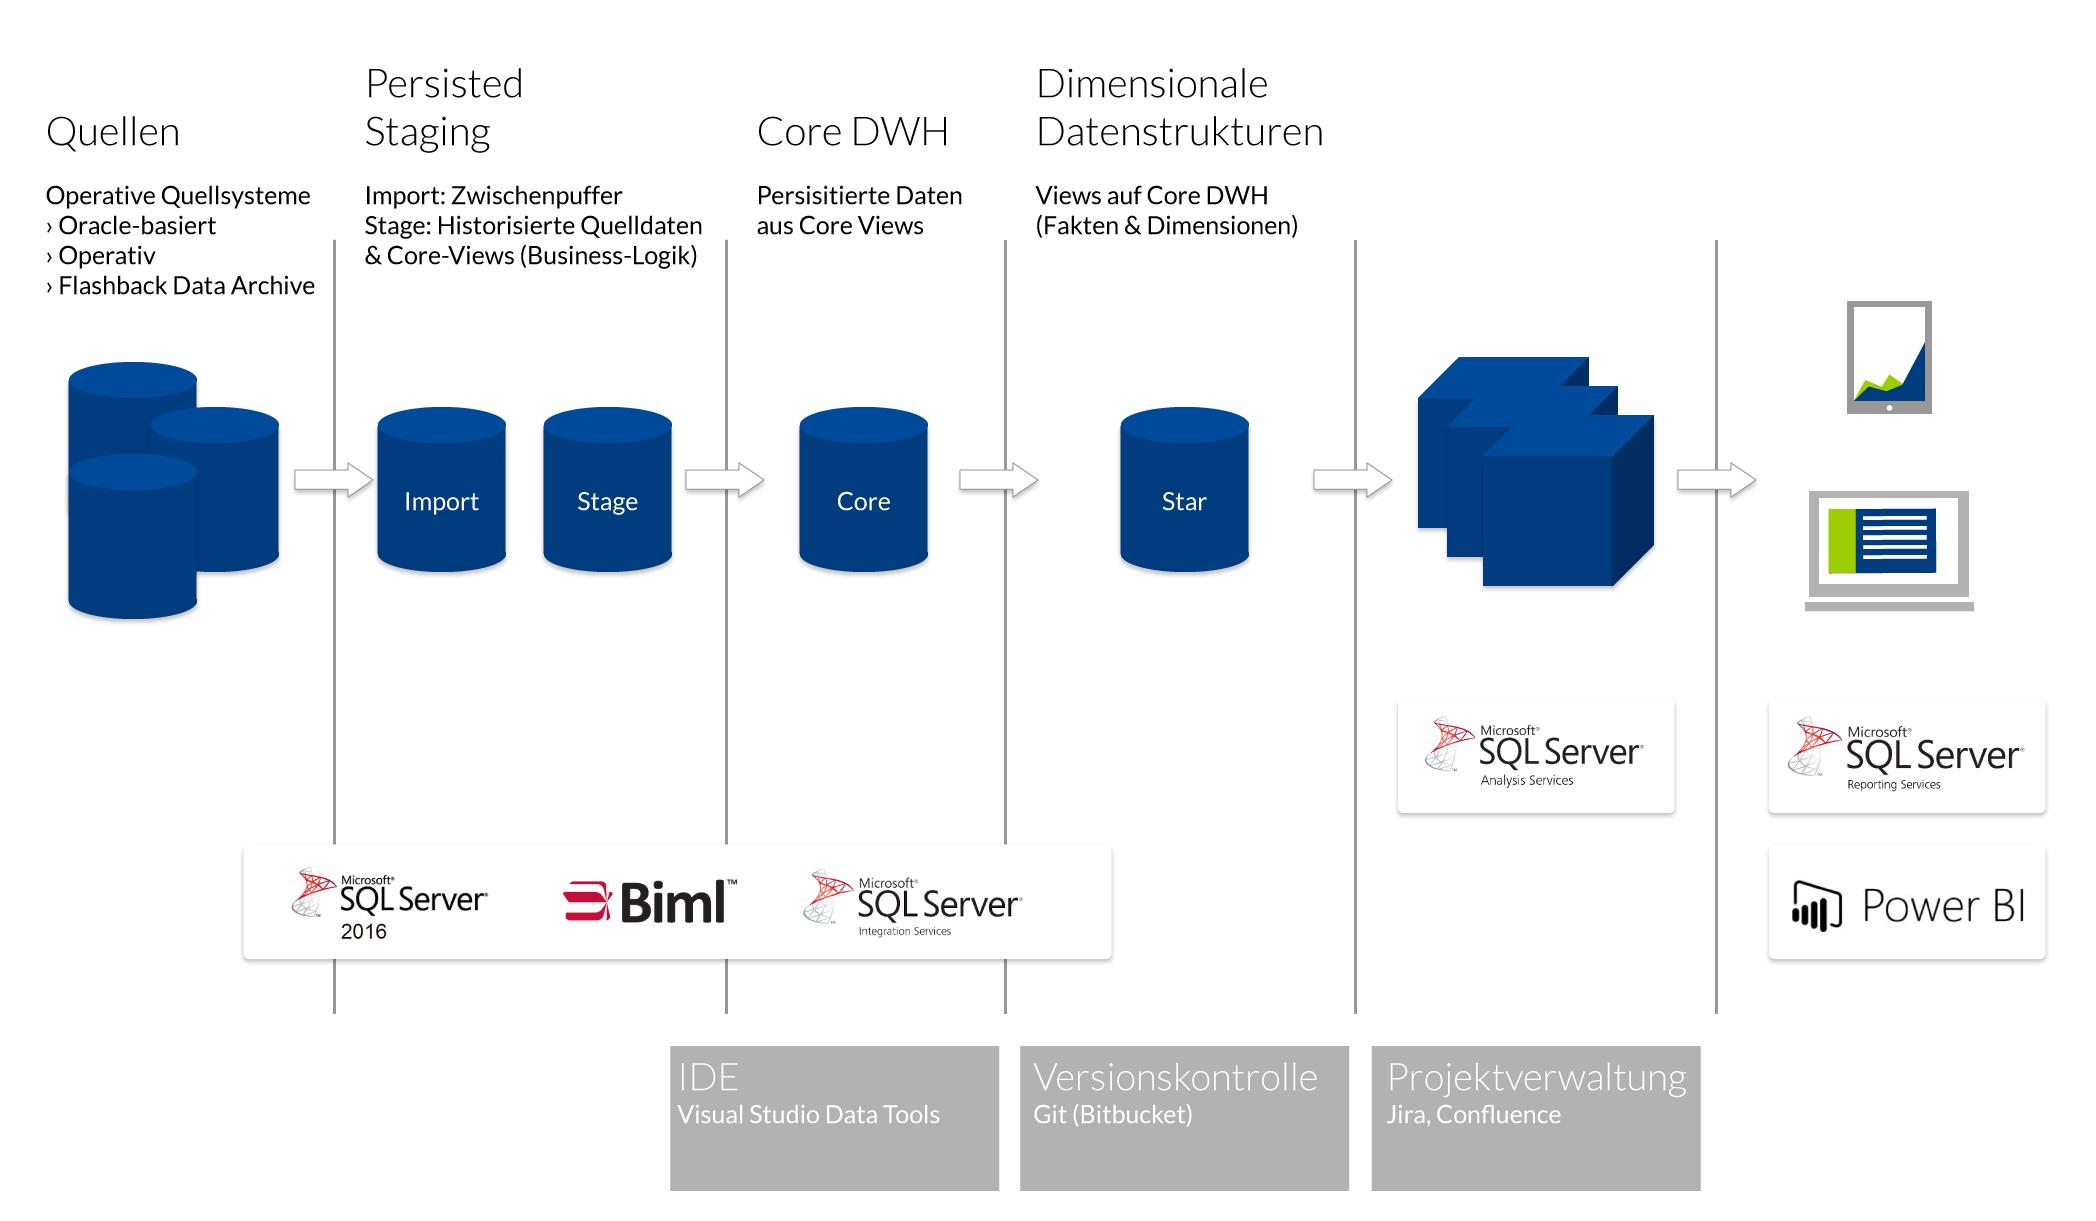 Darstellung des Systemaufbaus der TimoCon-Architektur